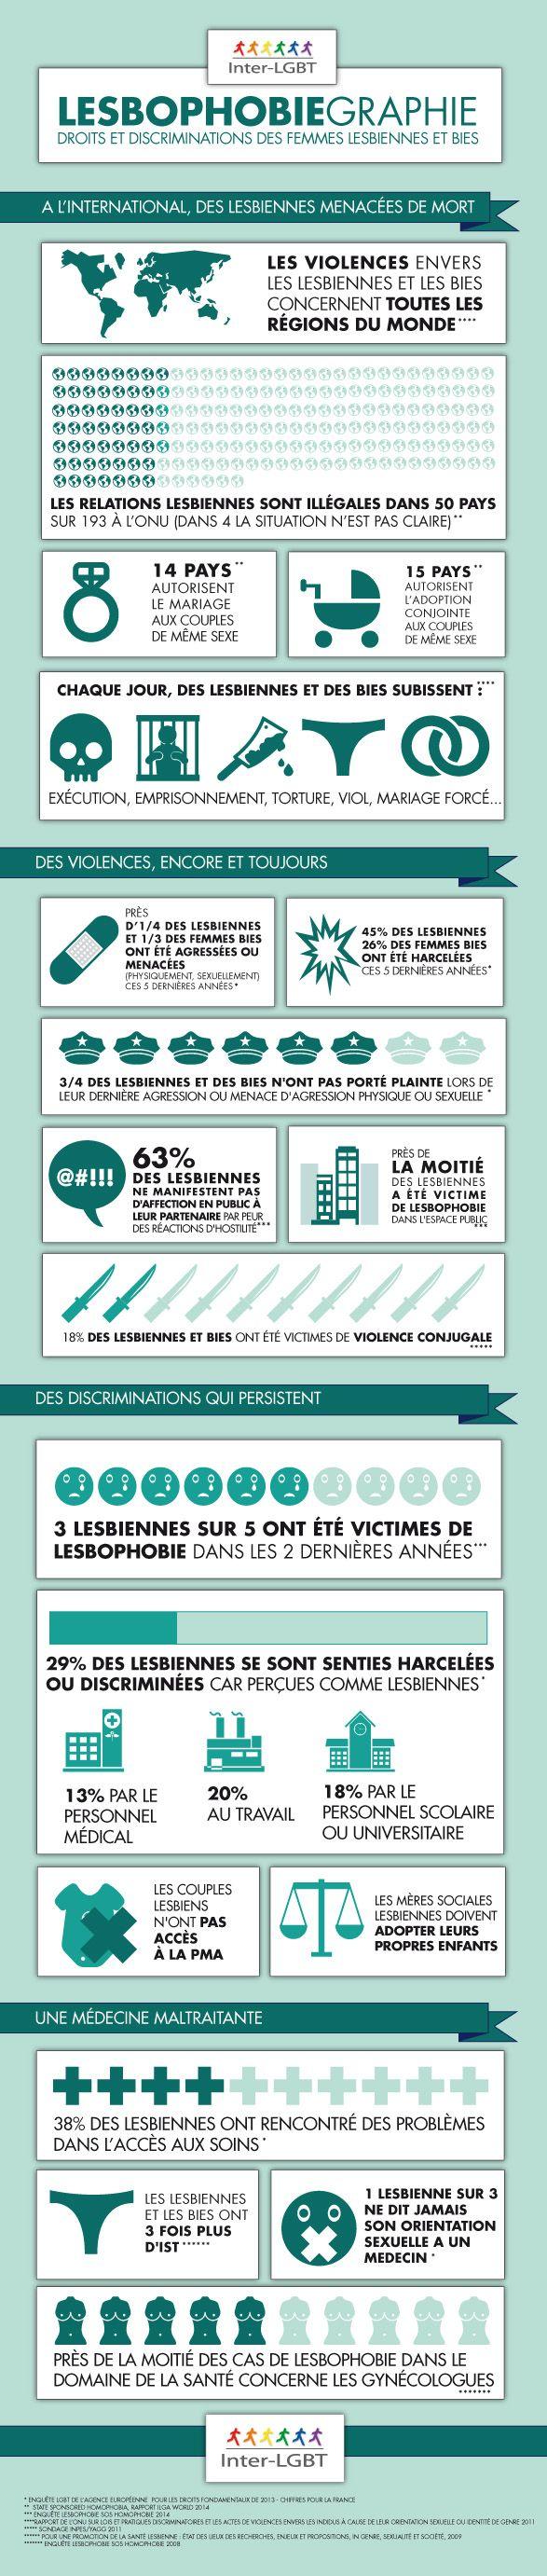 Le 5 mars 2015, SOS homophobie publie le rapport « Enquête nationale sur la visibilité des lesbiennes et la lesbophobie ». Ce document est le premier de ce type en France. Aucune enquête n'avait en...